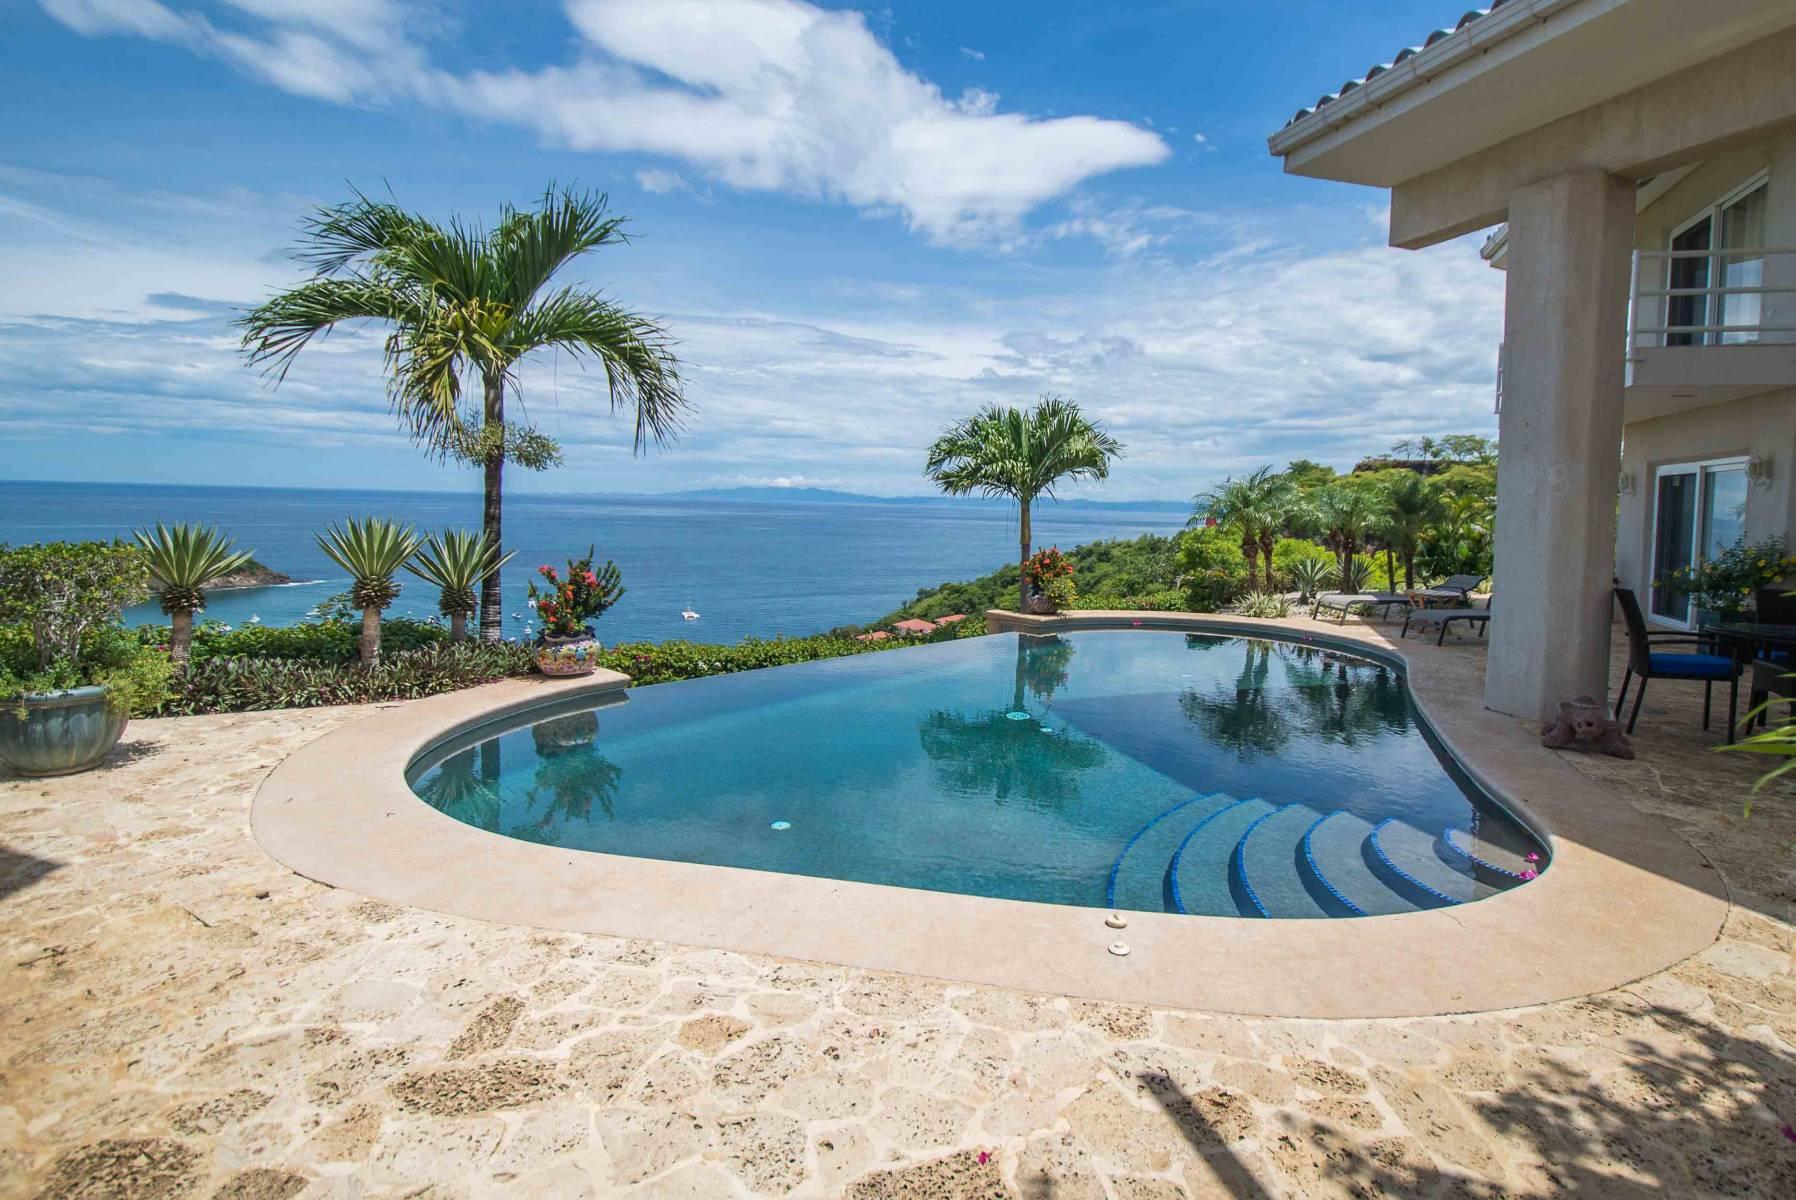 Las olas villa rentals in costa rica luxury vacation for Villa rentals in costa rica